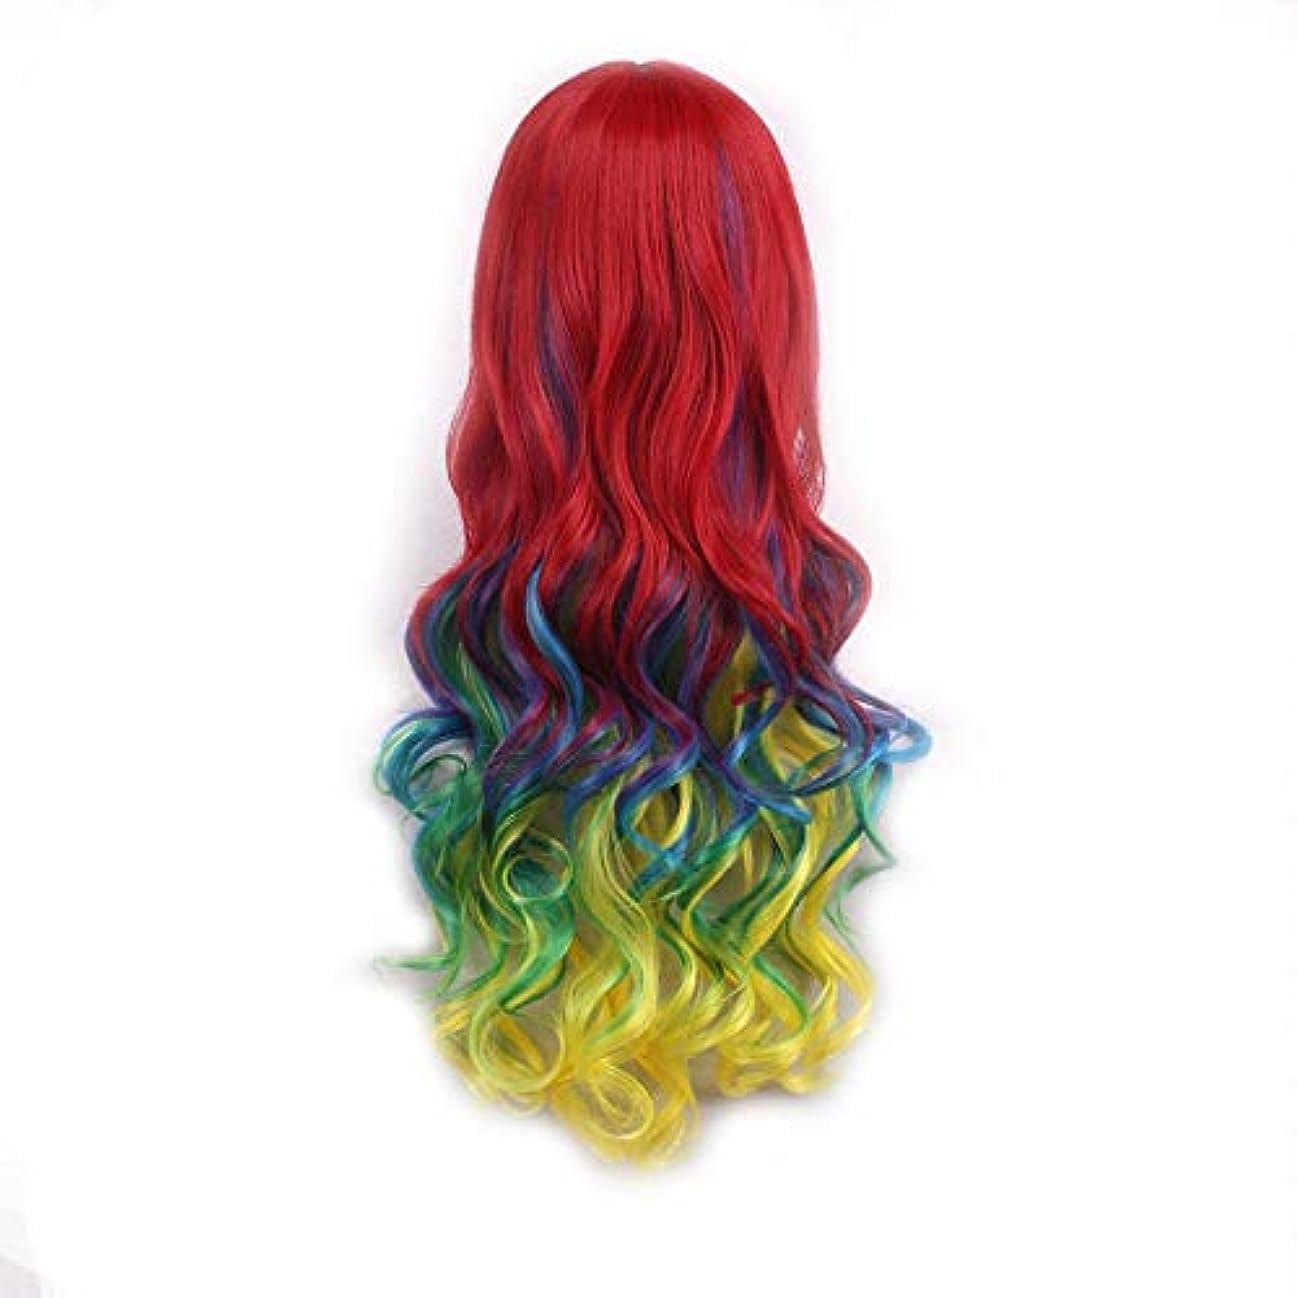 診療所吹きさらし運命的なウィッグキャップウィッグロングファンシードレスストレート&カールウィッグレディース高品質な合成色の髪のコスプレ高密度ウィッグ女性と女の子 (Color : Curls)